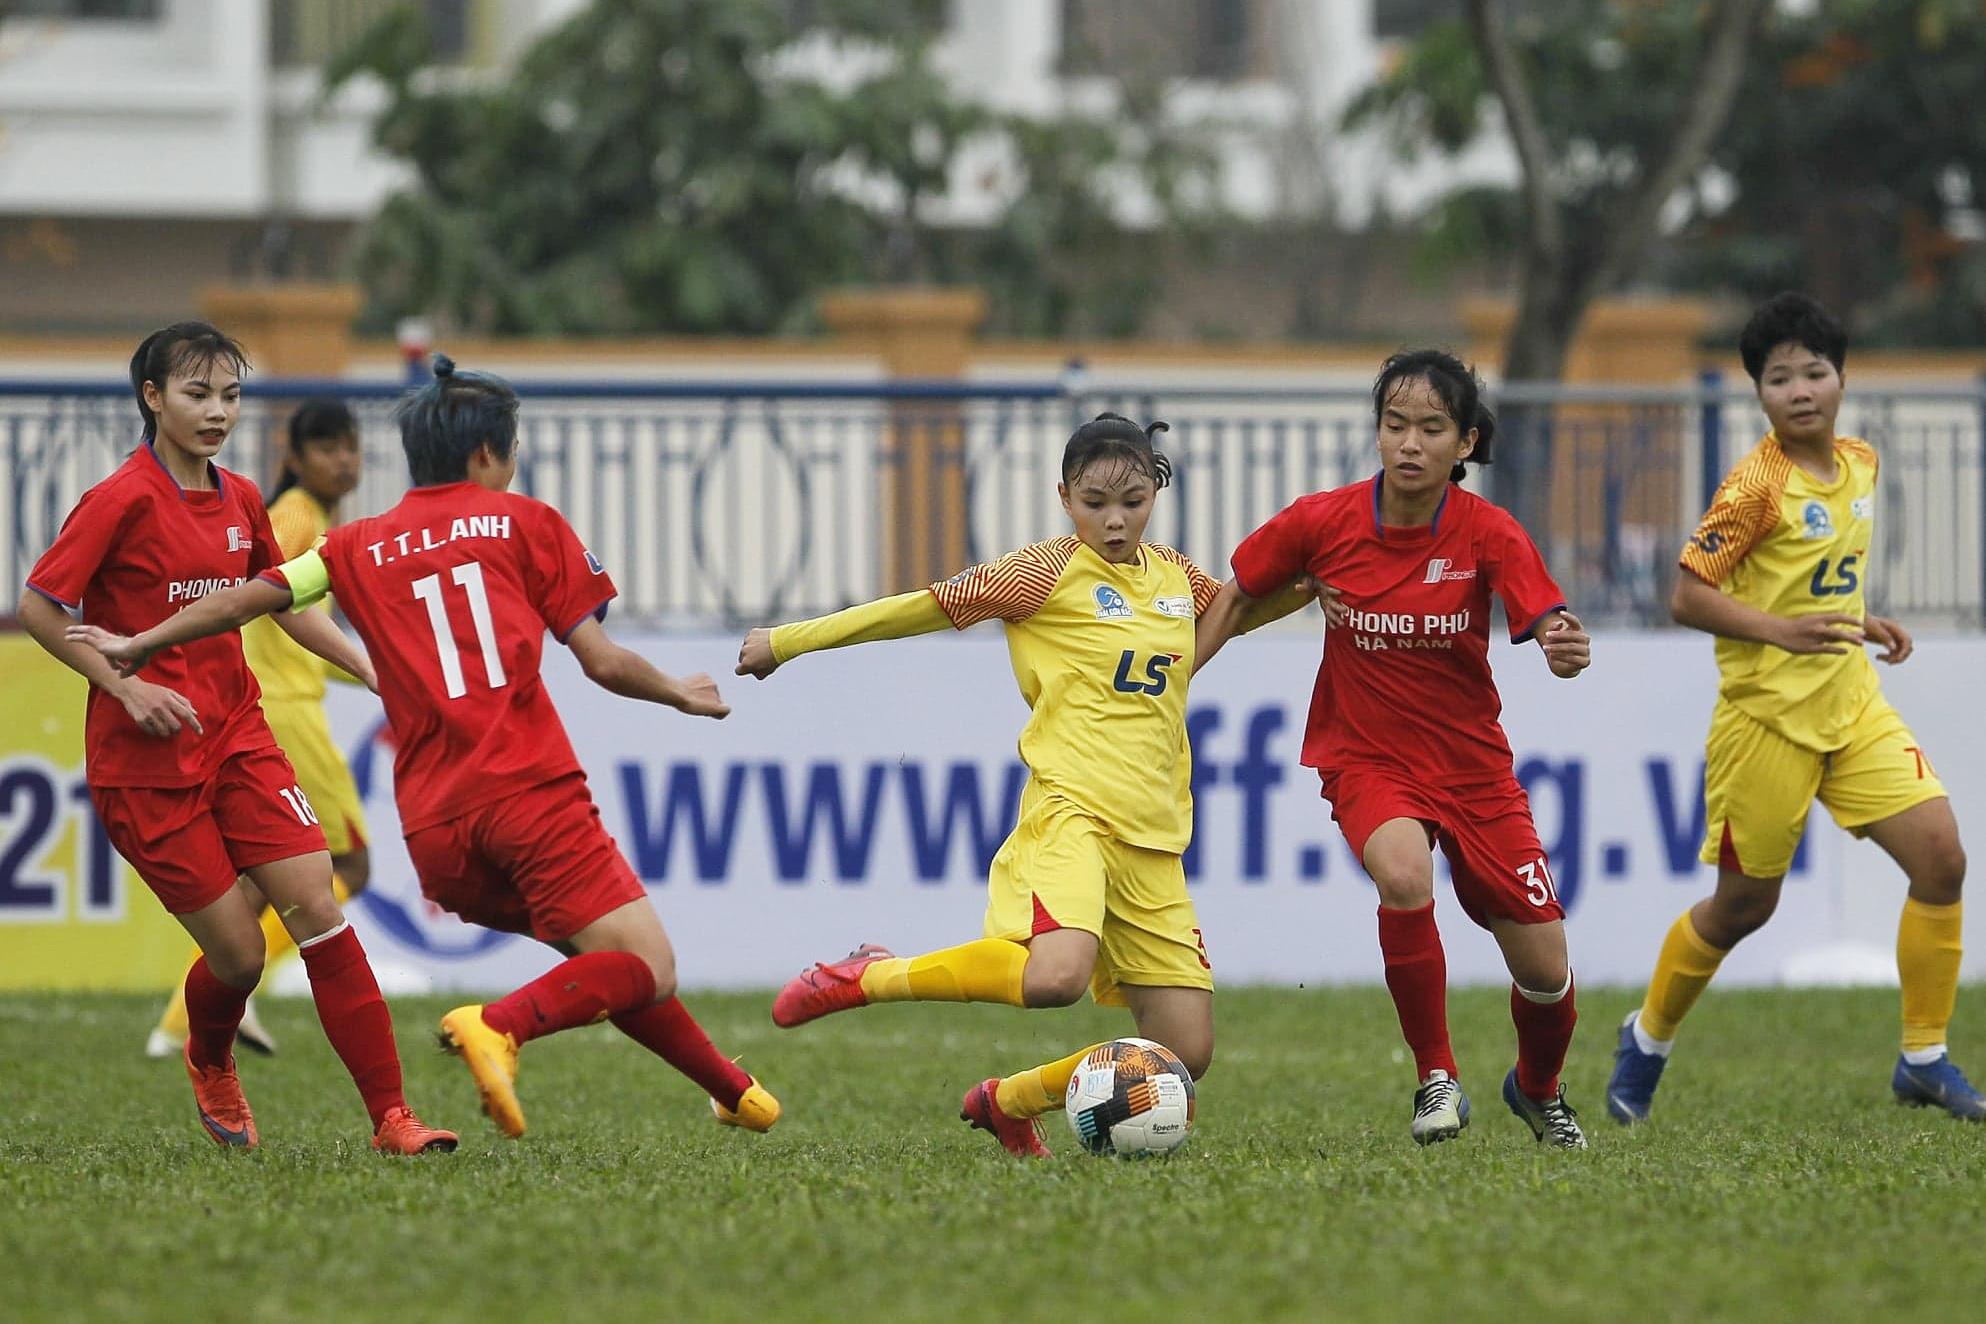 Than Khoáng sản Việt Nam vô địch lượt đi Giải nữ U19 VĐQG 2021 -0